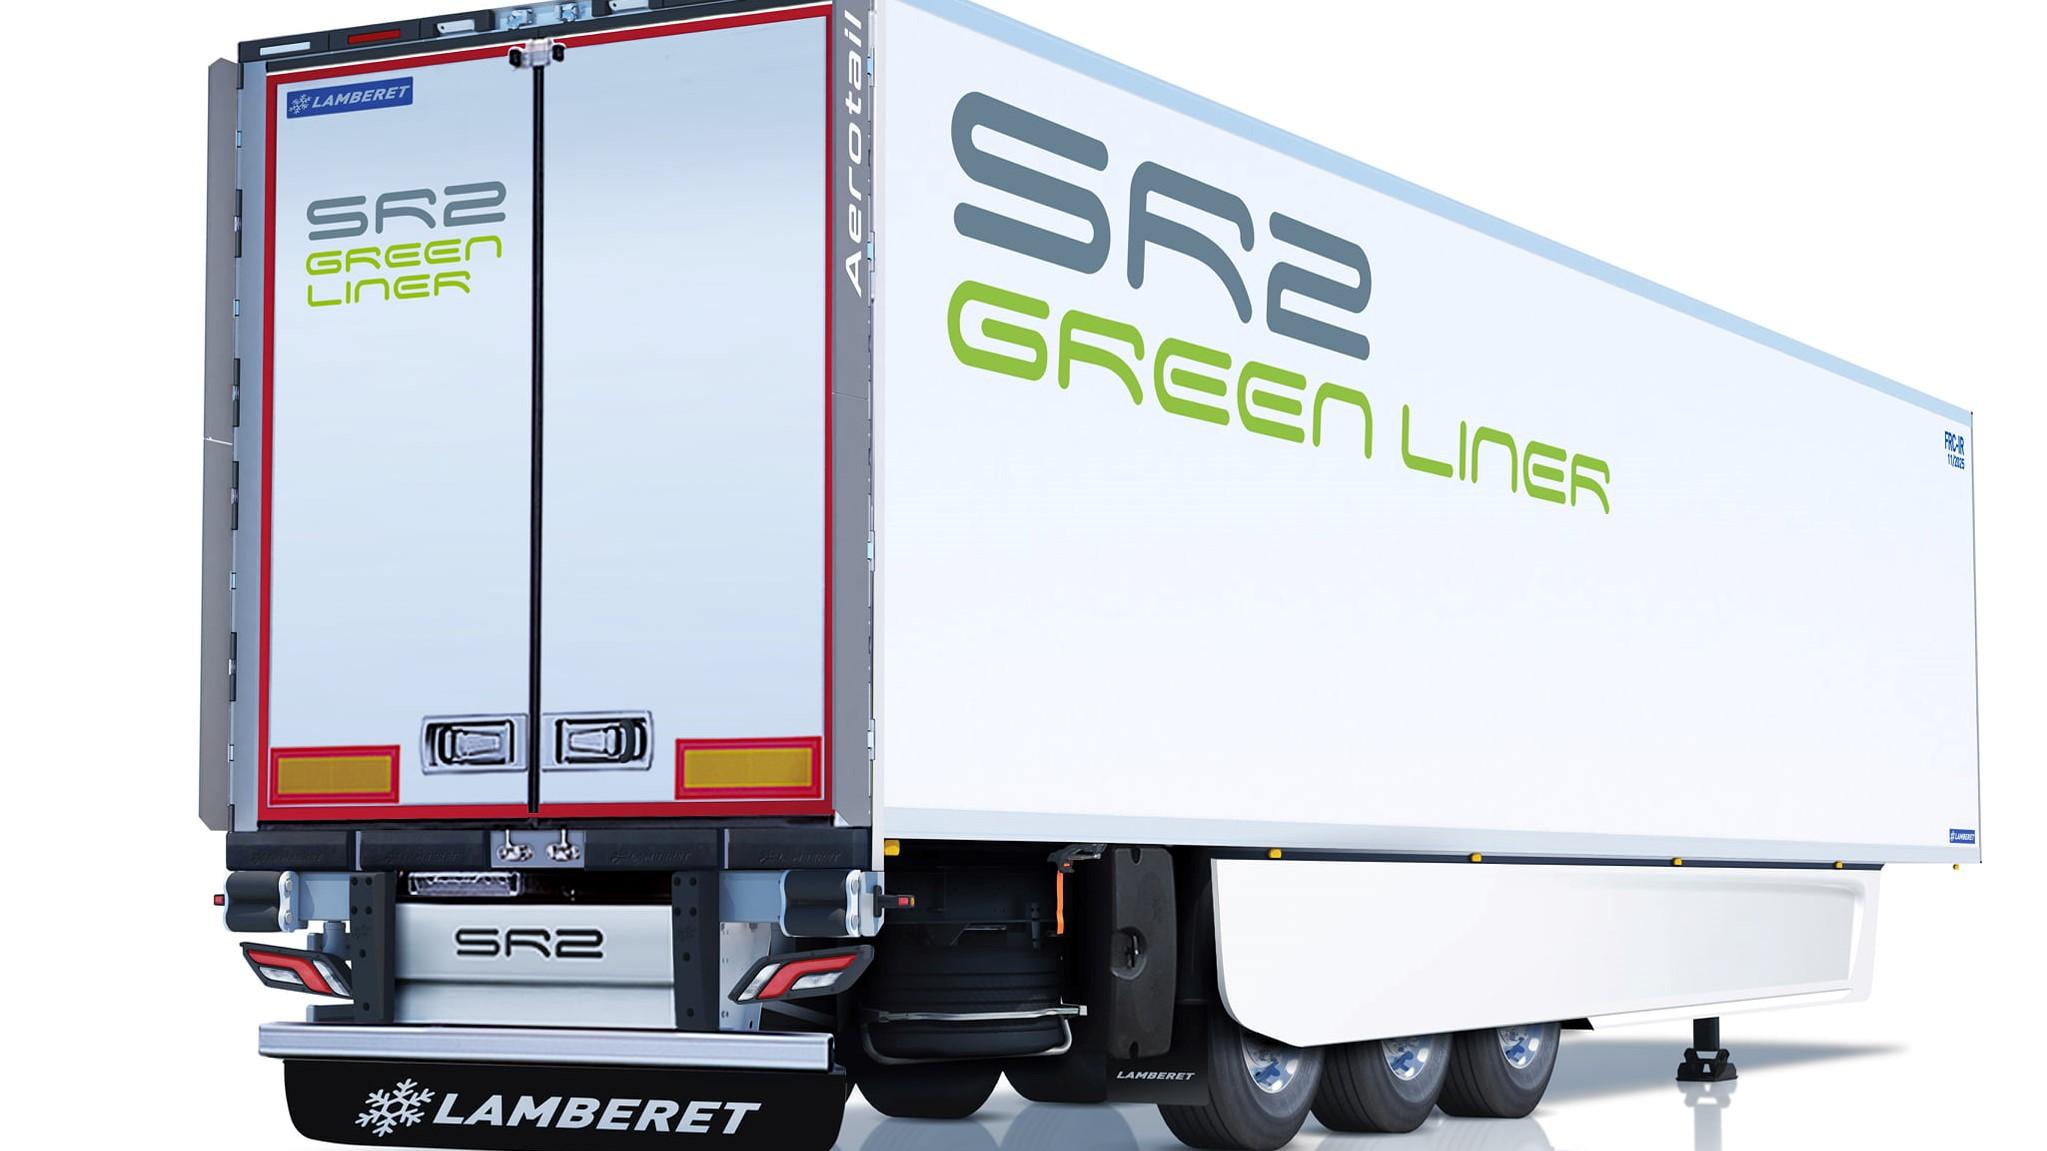 Lamberet SR2 Green Liner è una gamma ottimizzata per bassare i consumi